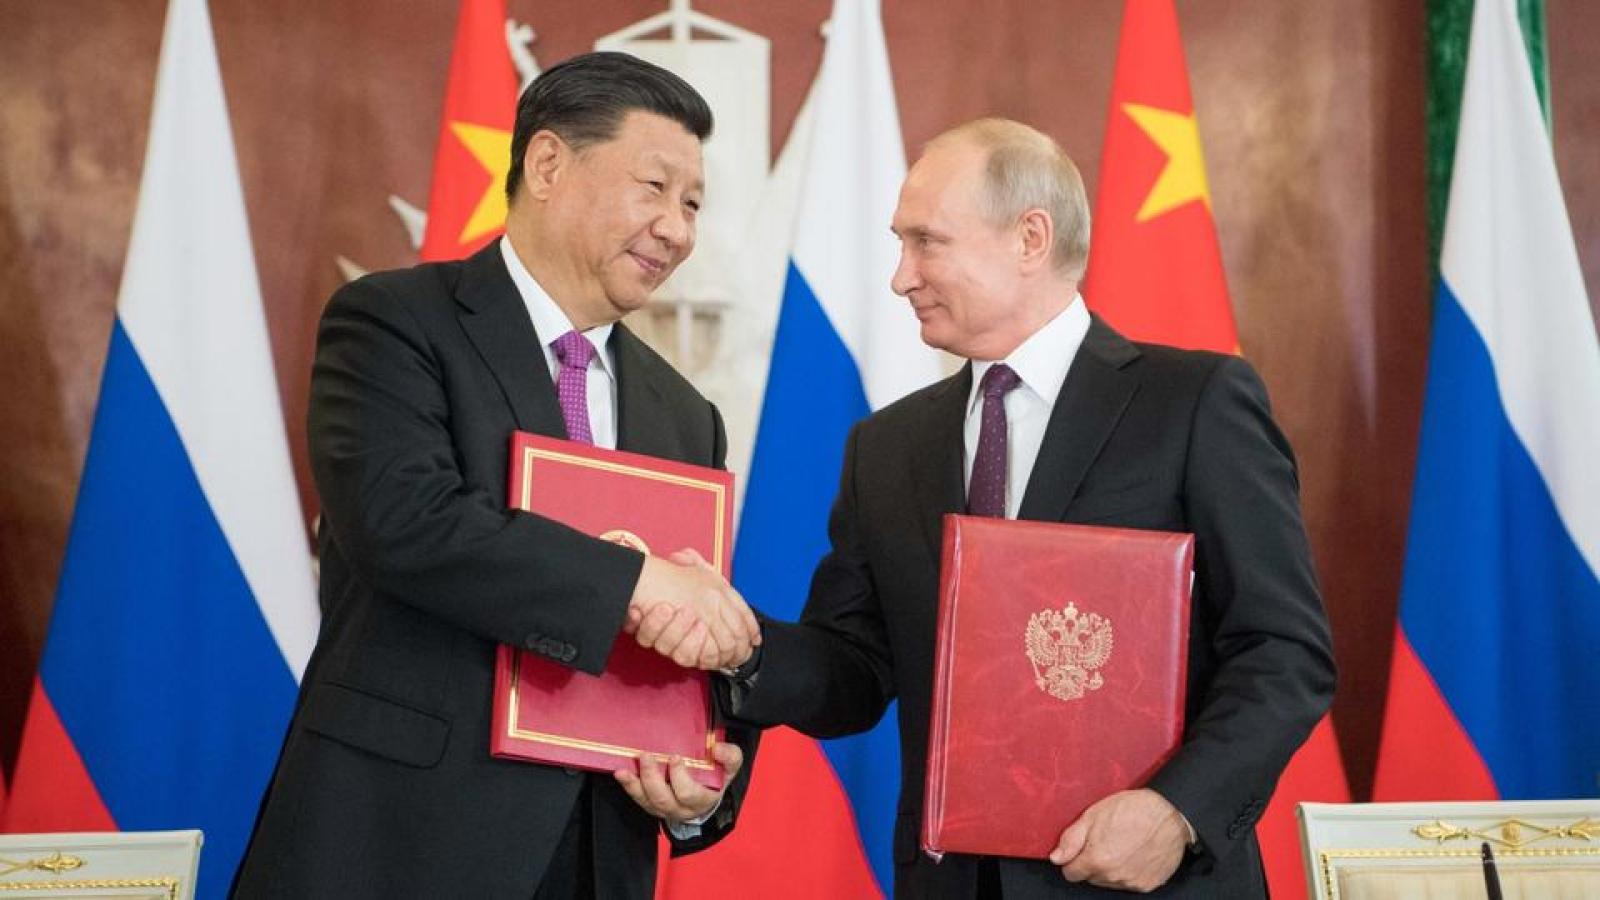 Liên minh không phải lựa chọn tốt nhất của Nga và Trung Quốc để đối đầu Mỹ